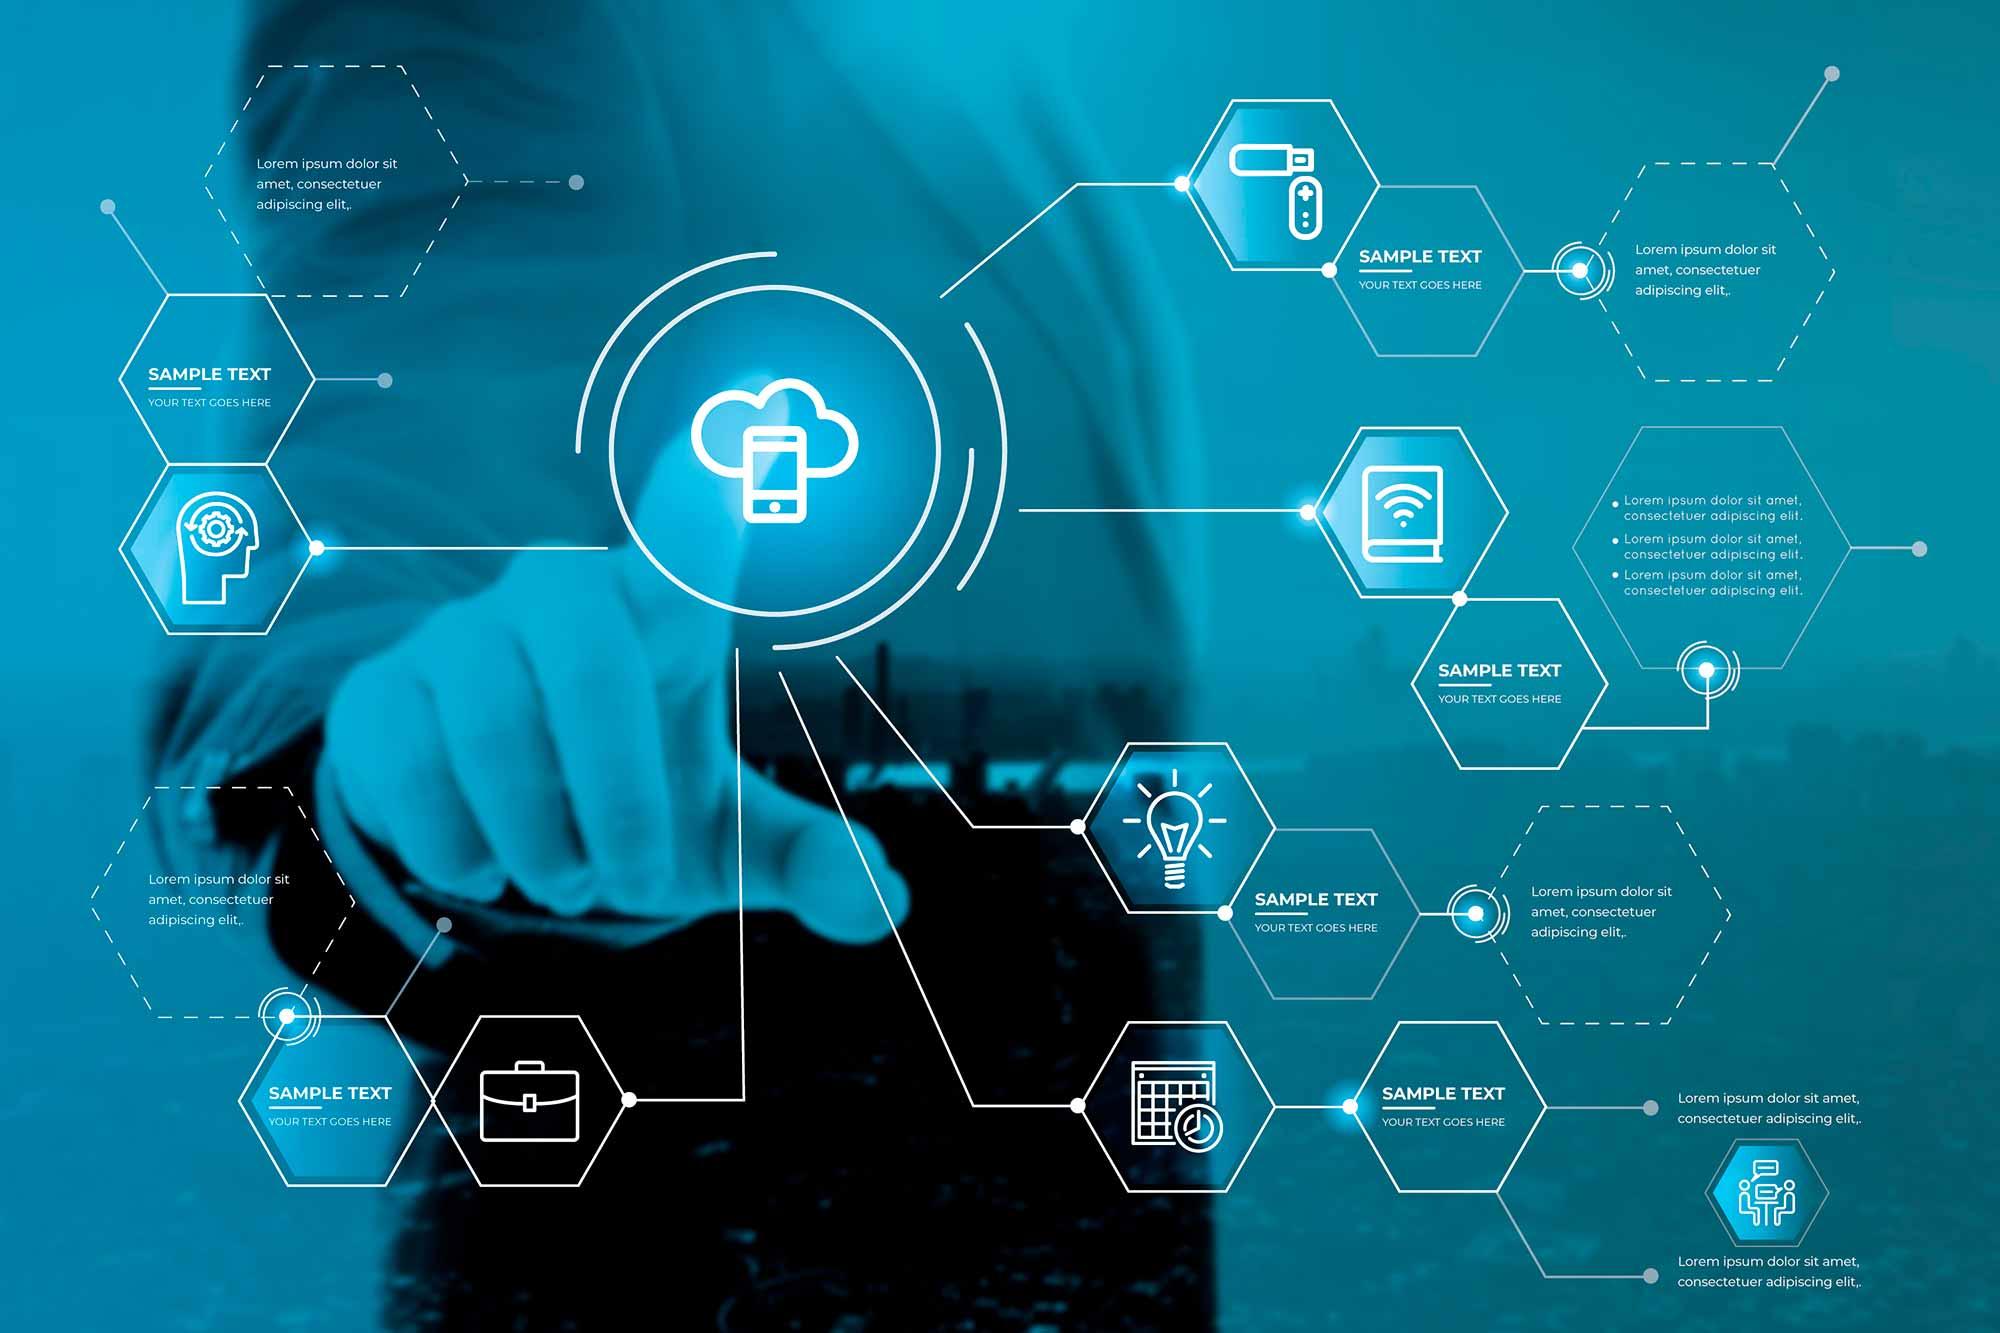 sgr comunicaciones - soluciones ip - gestión